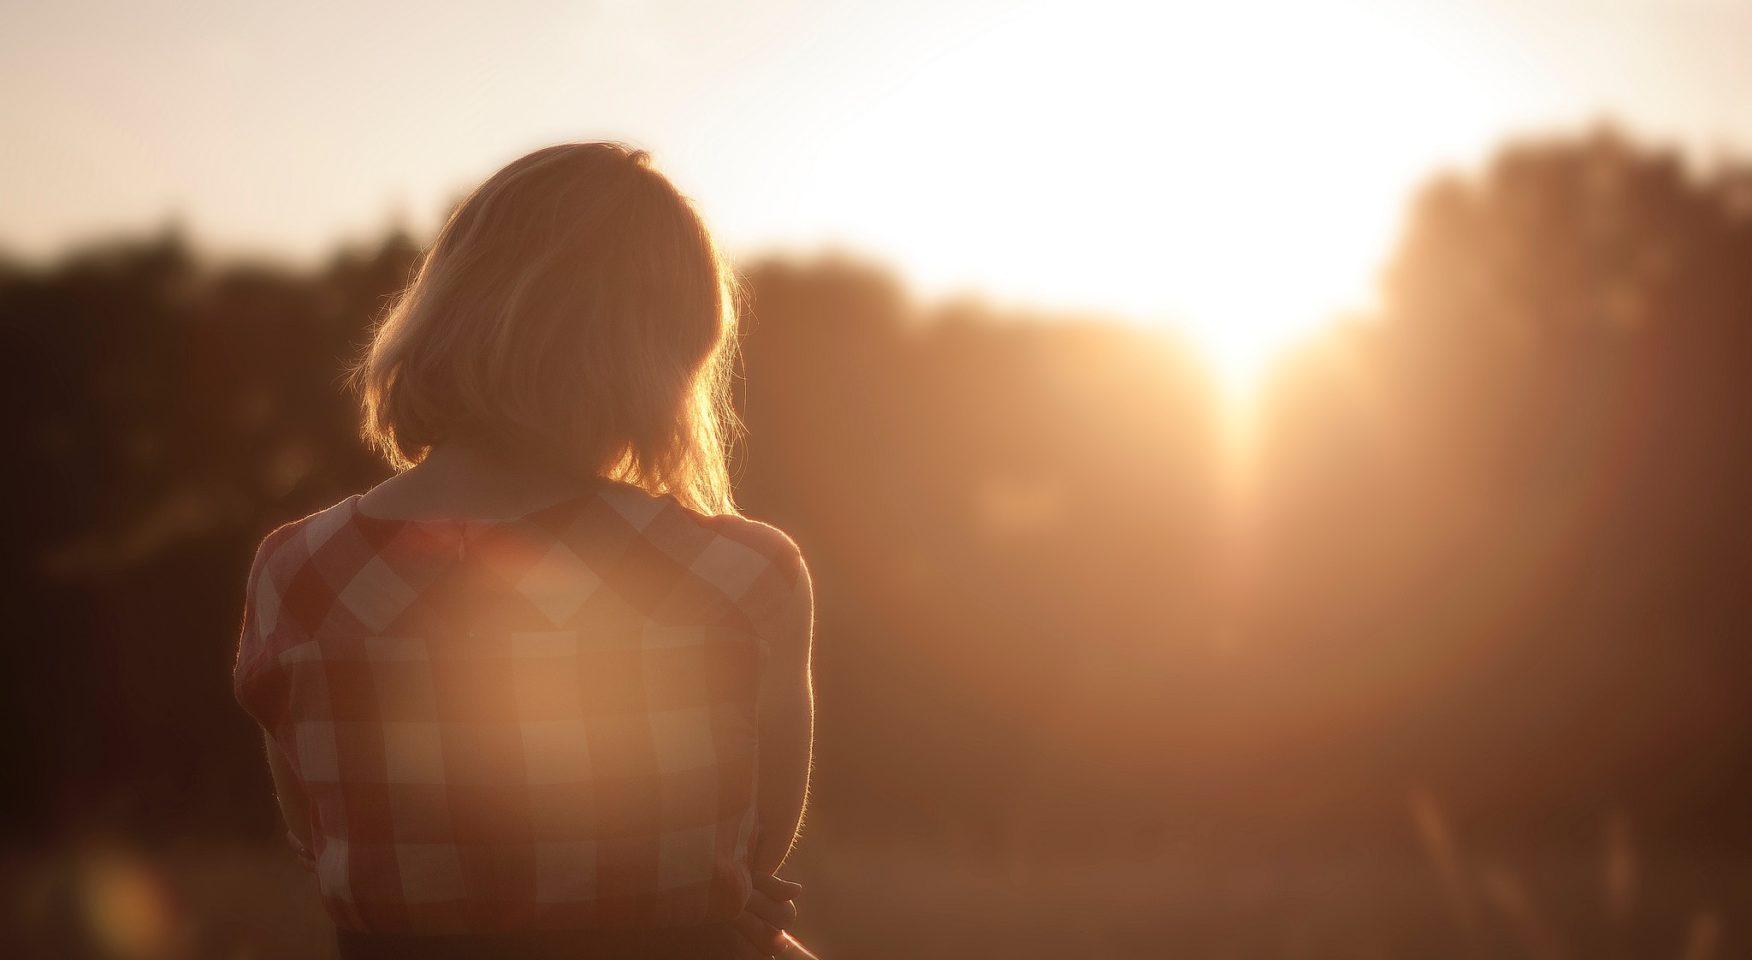 woman standing in field in golden sunlight